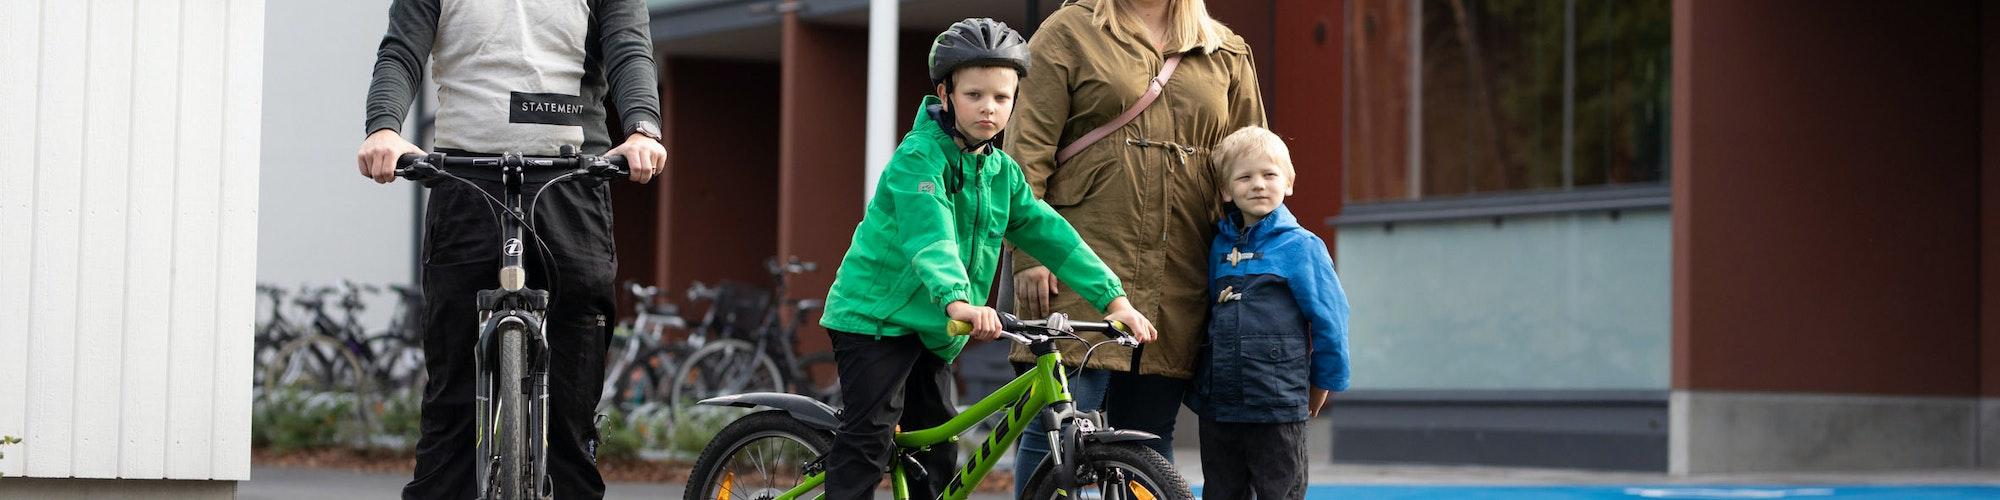 Perhe talon pihalla polkupyörien kanssa